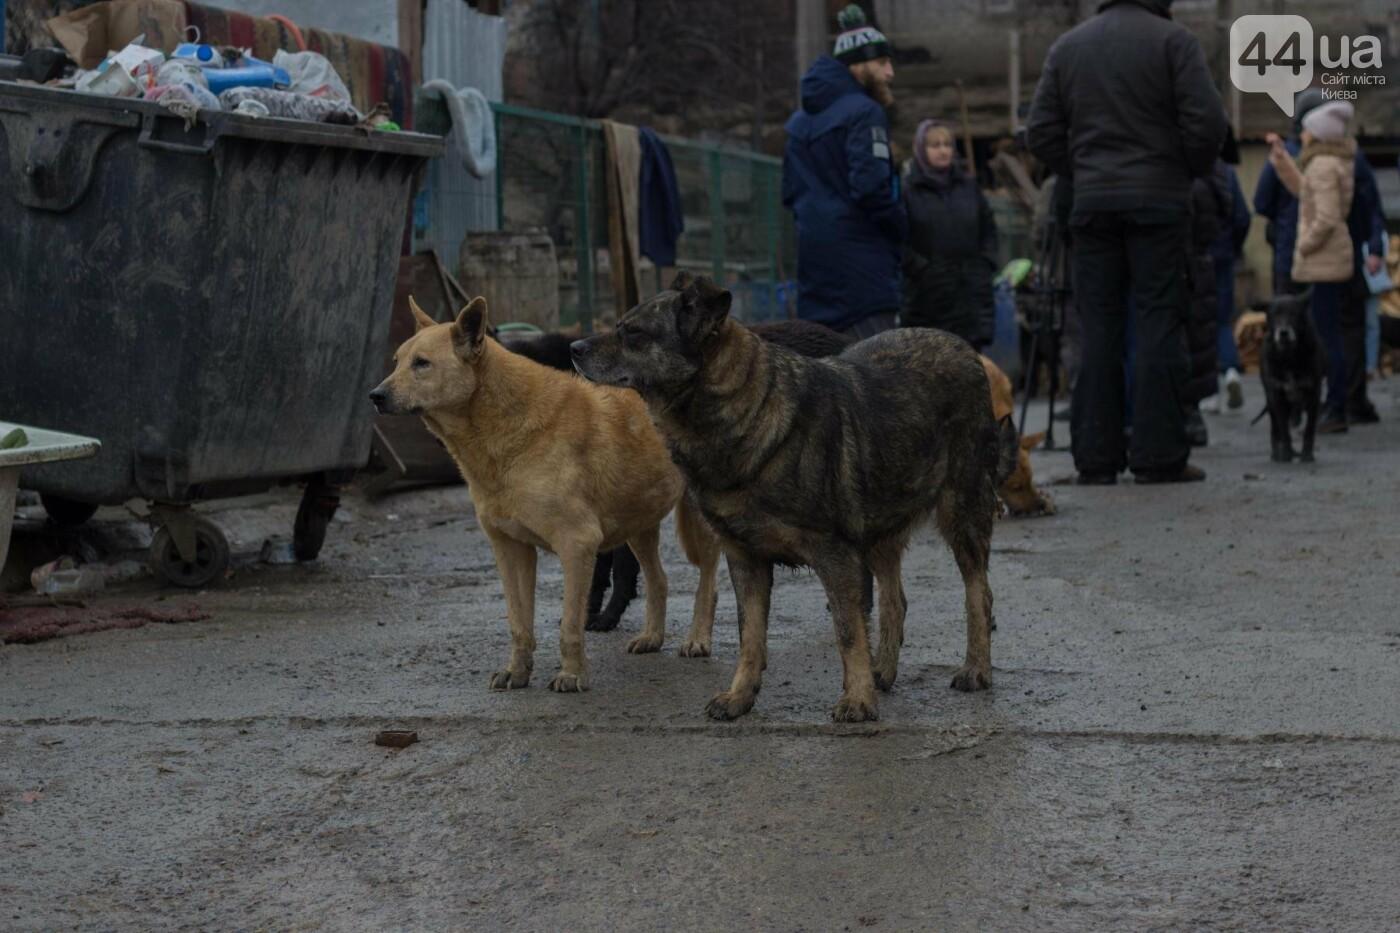 В приюте для животных неизвестные расстреливают и калечат собак, фото-27